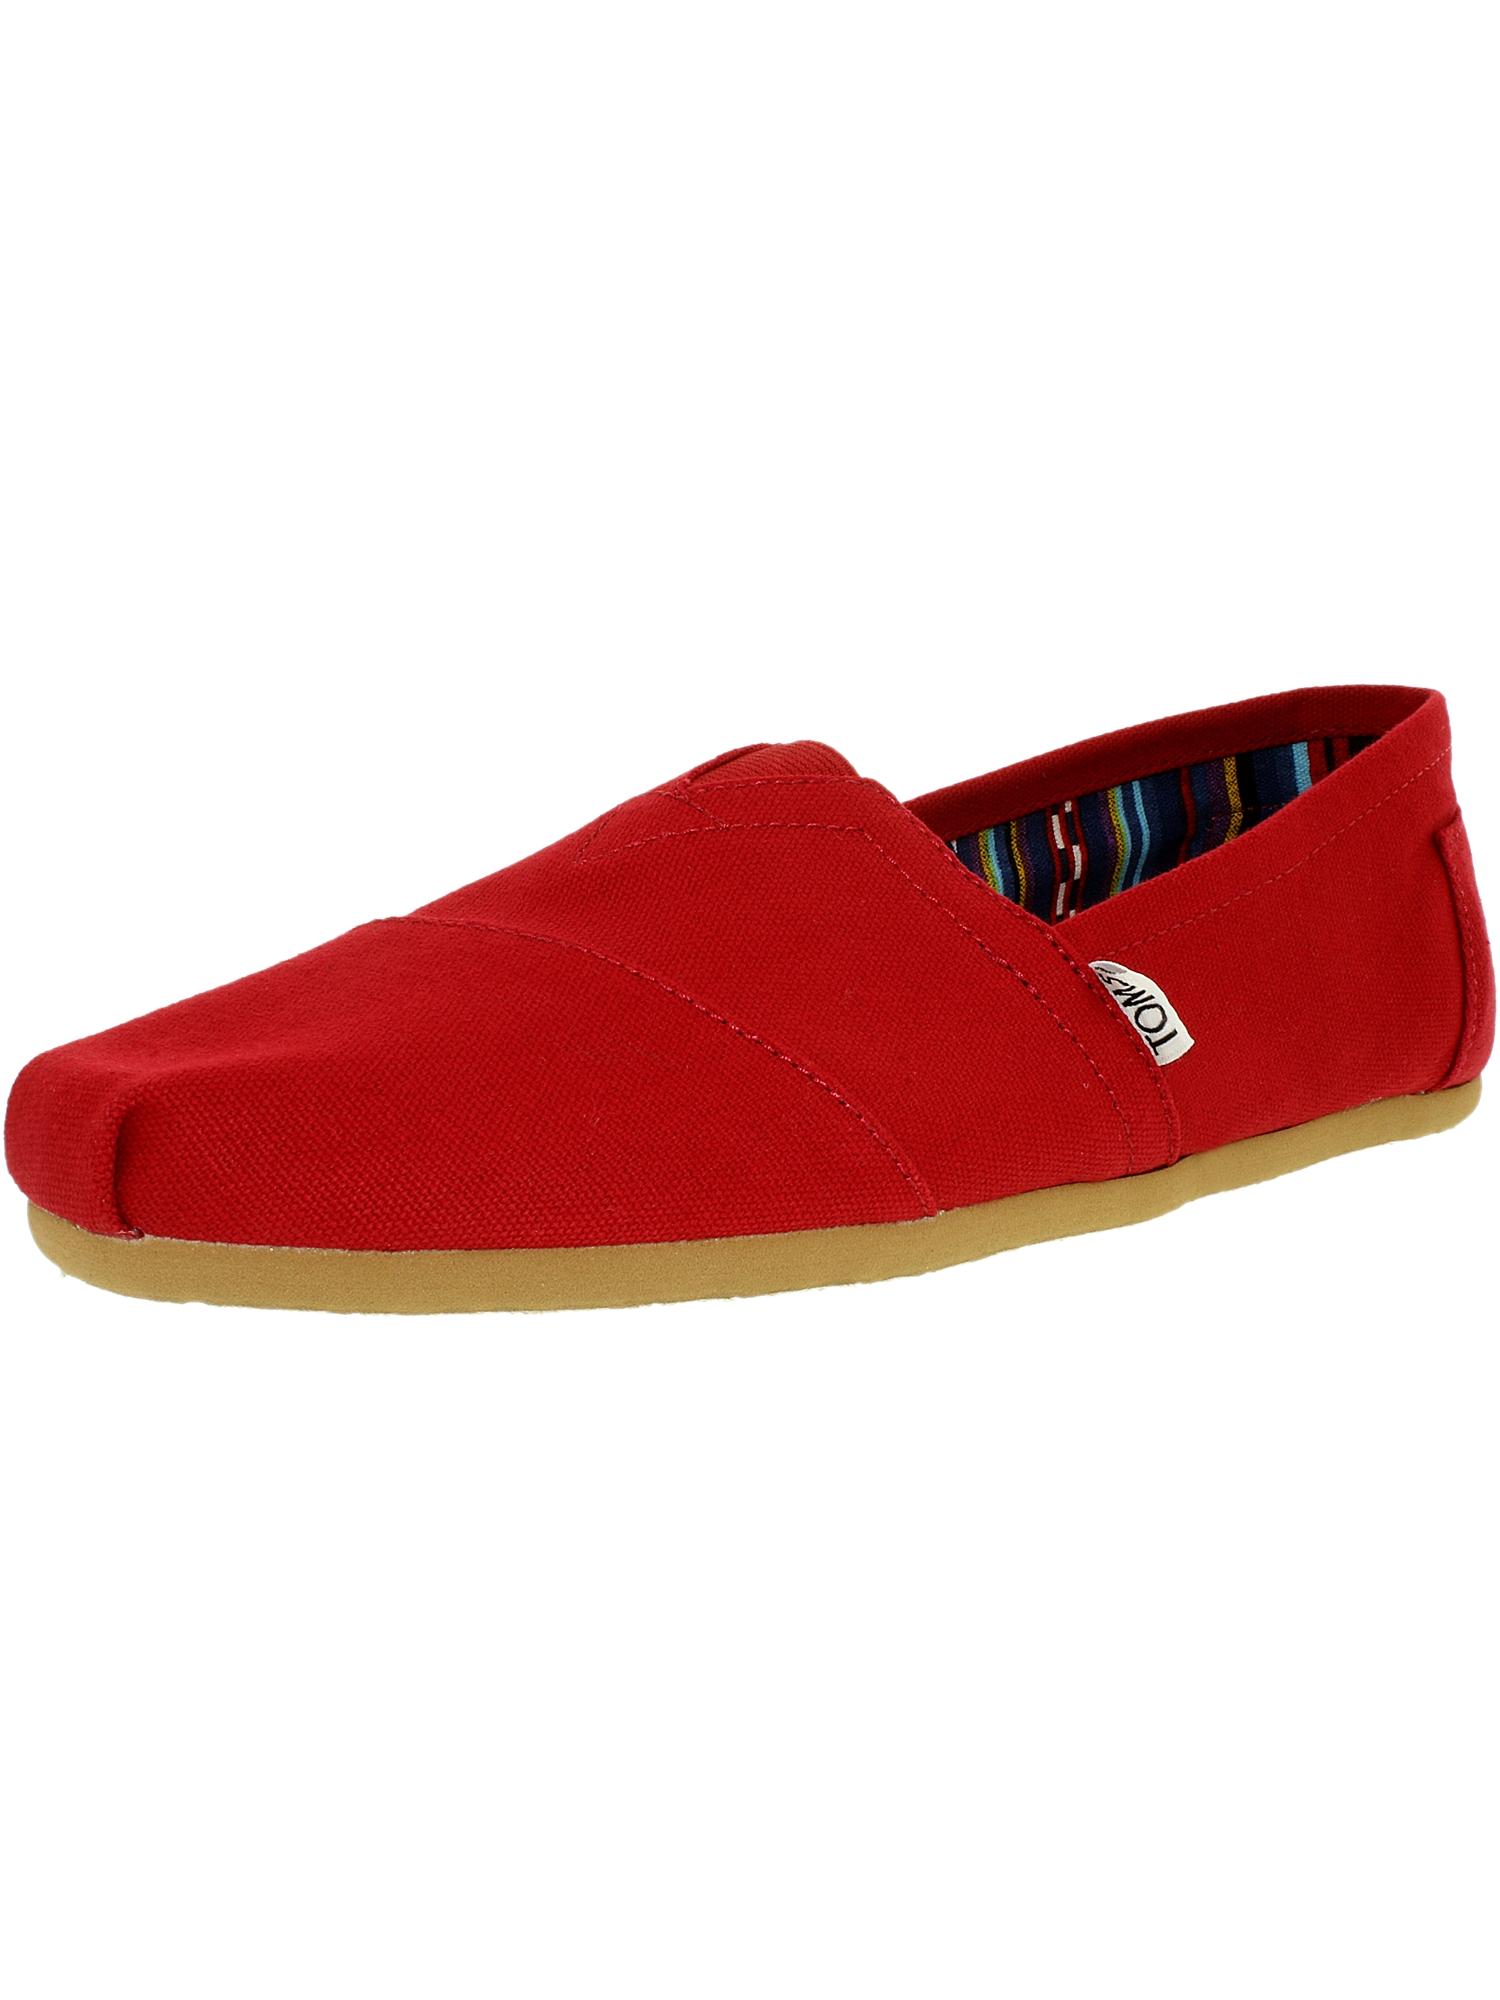 Toms Men's Alpargata Canvas Black Ankle-High Flat Shoe - 8M